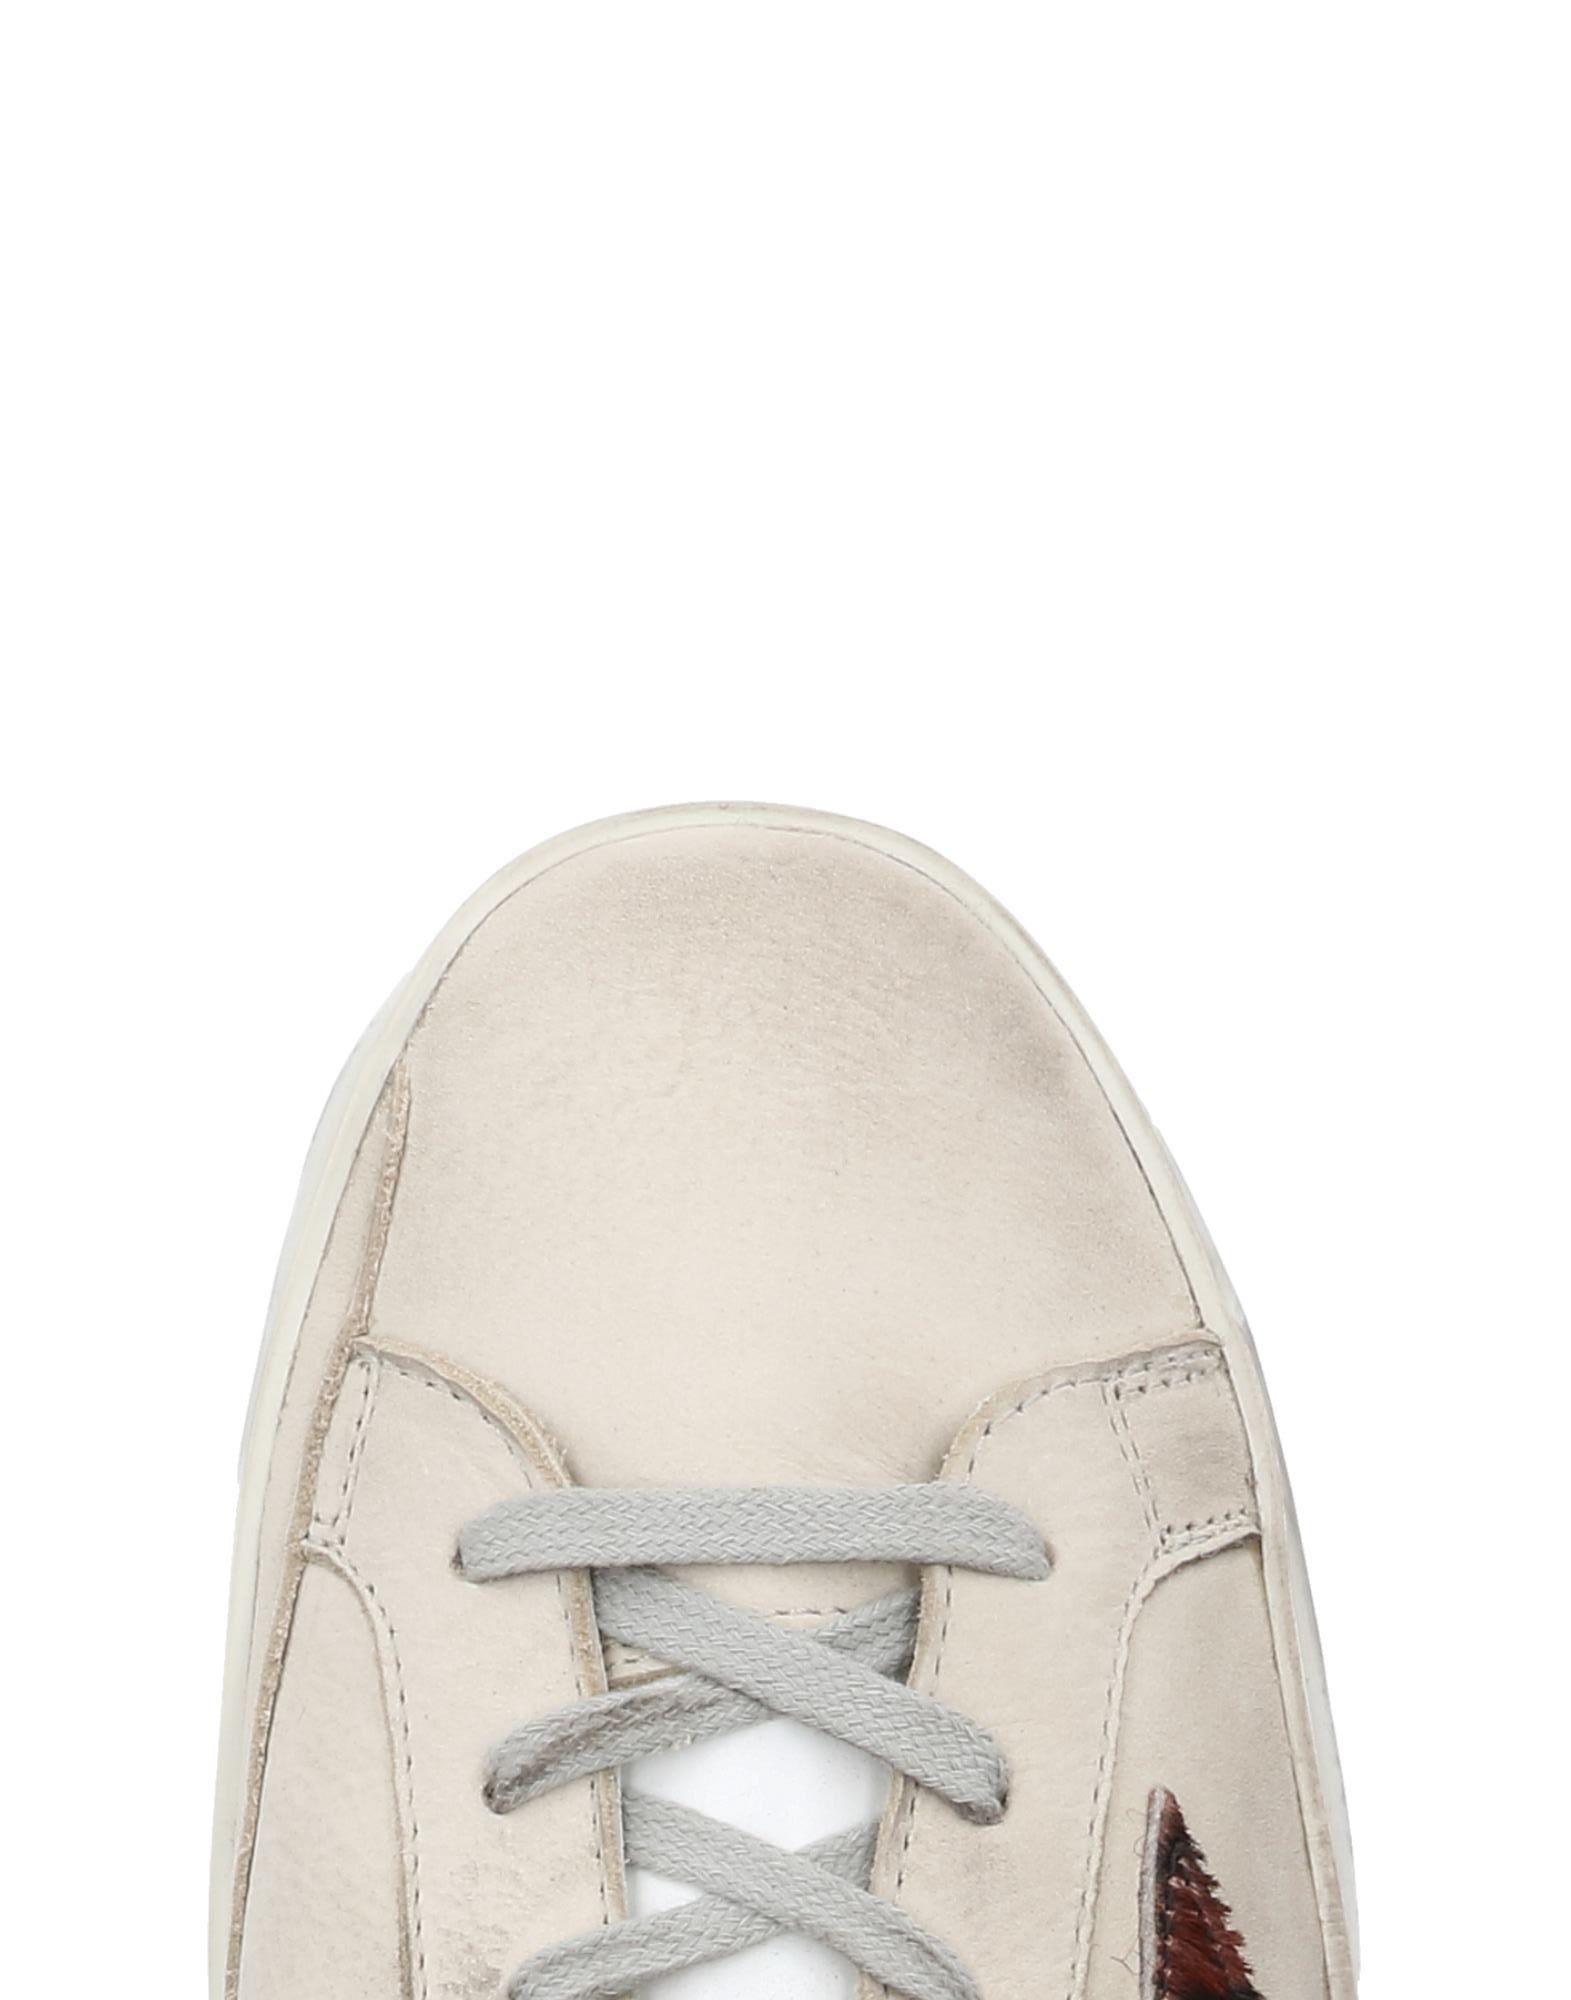 Golden Goose Deluxe Brand Low-tops & Sneakers in Beige (Natural)